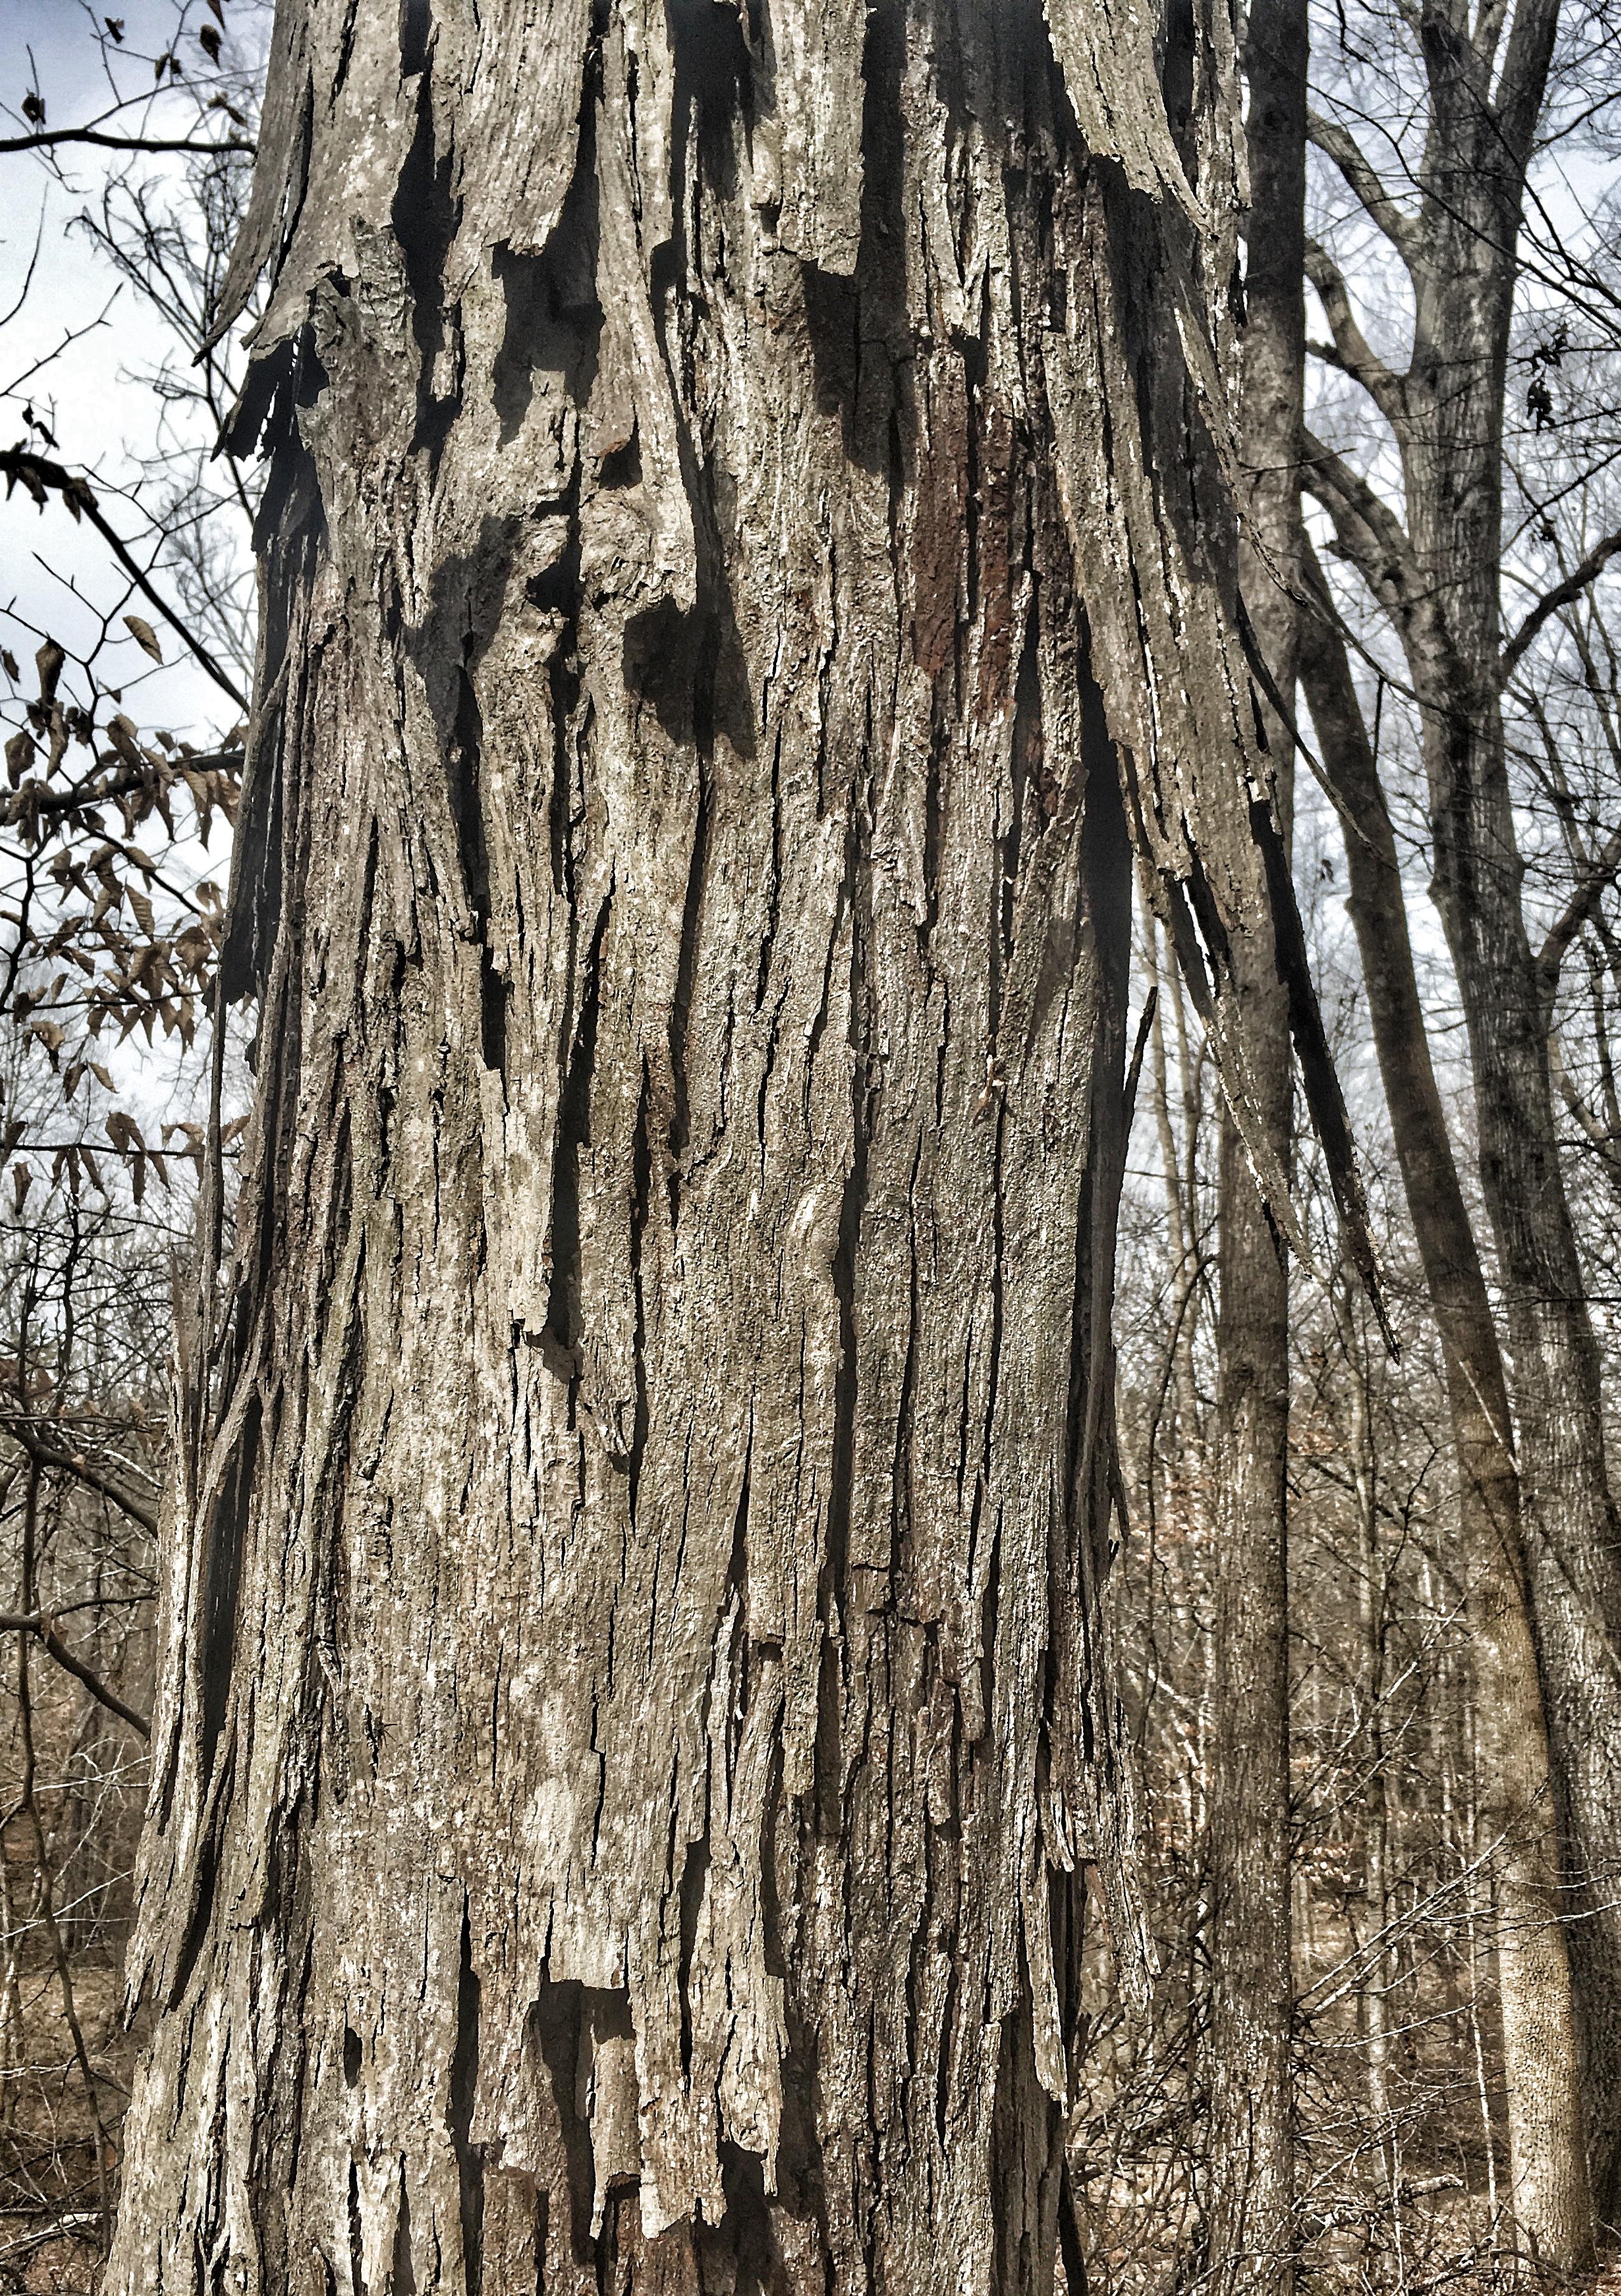 shagbark bark